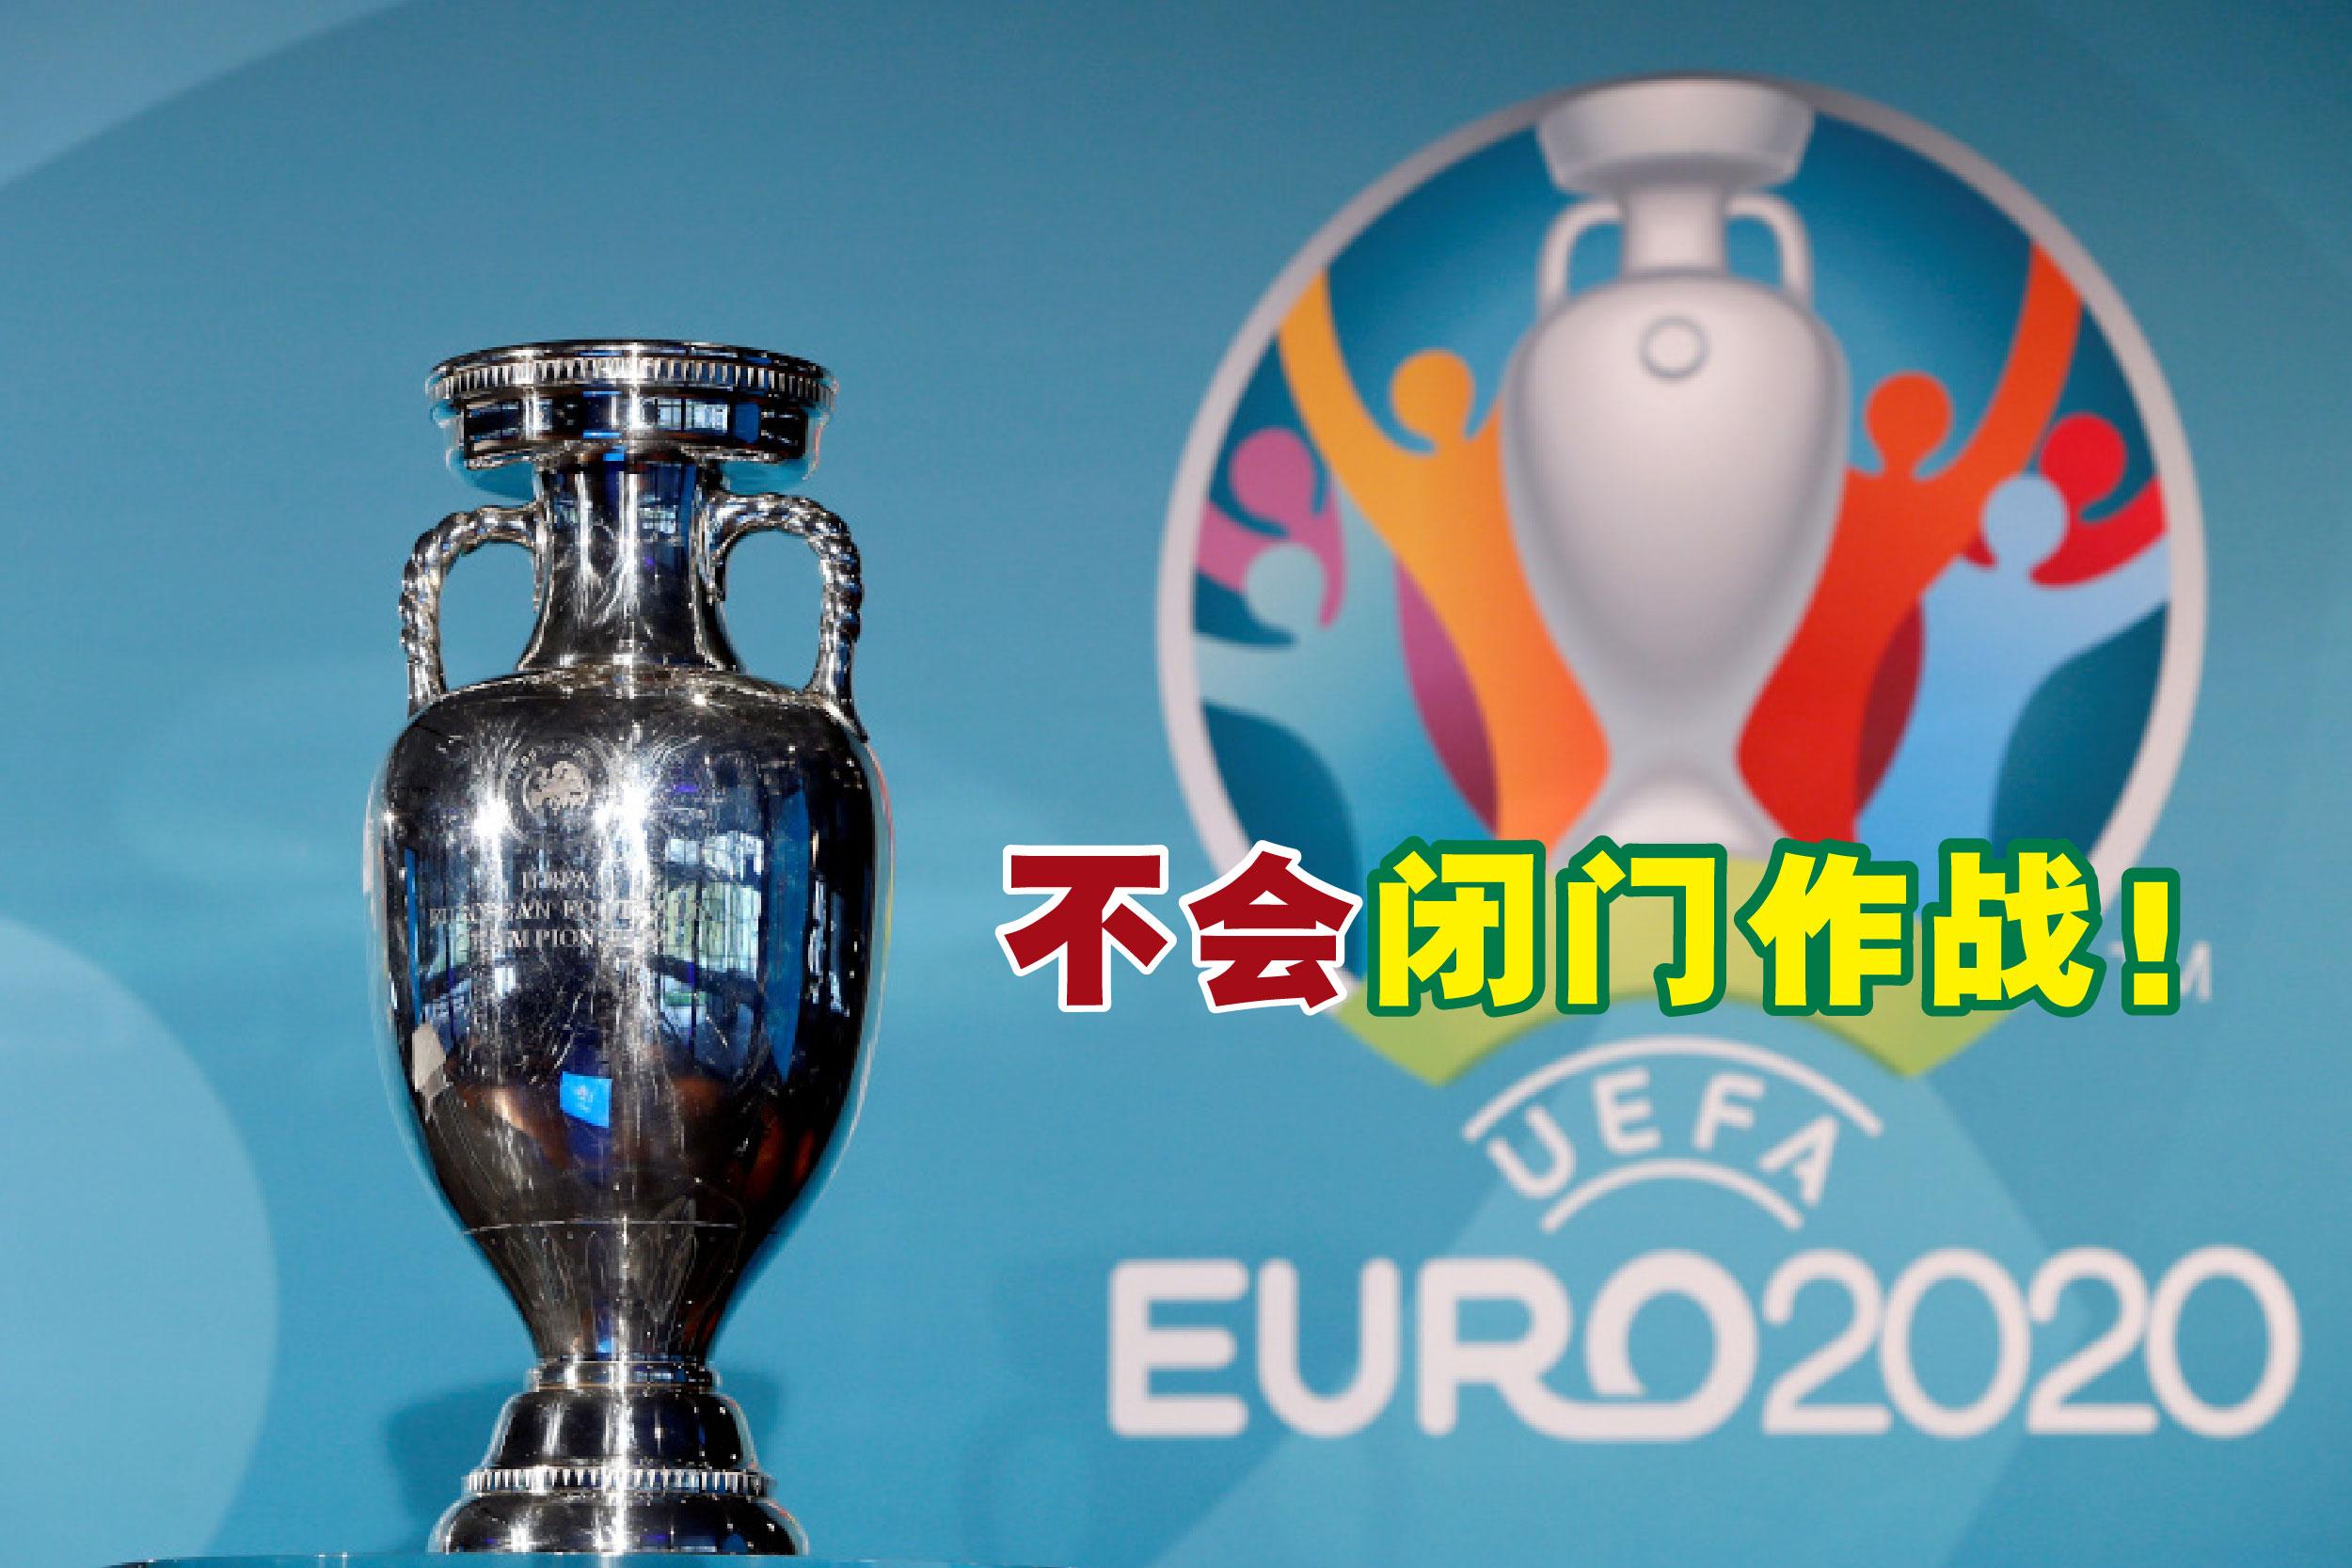 在举办欧国杯赛的11个城市球迷,可以很嗨地在现场观战了!-路透社/精彩大马制图-